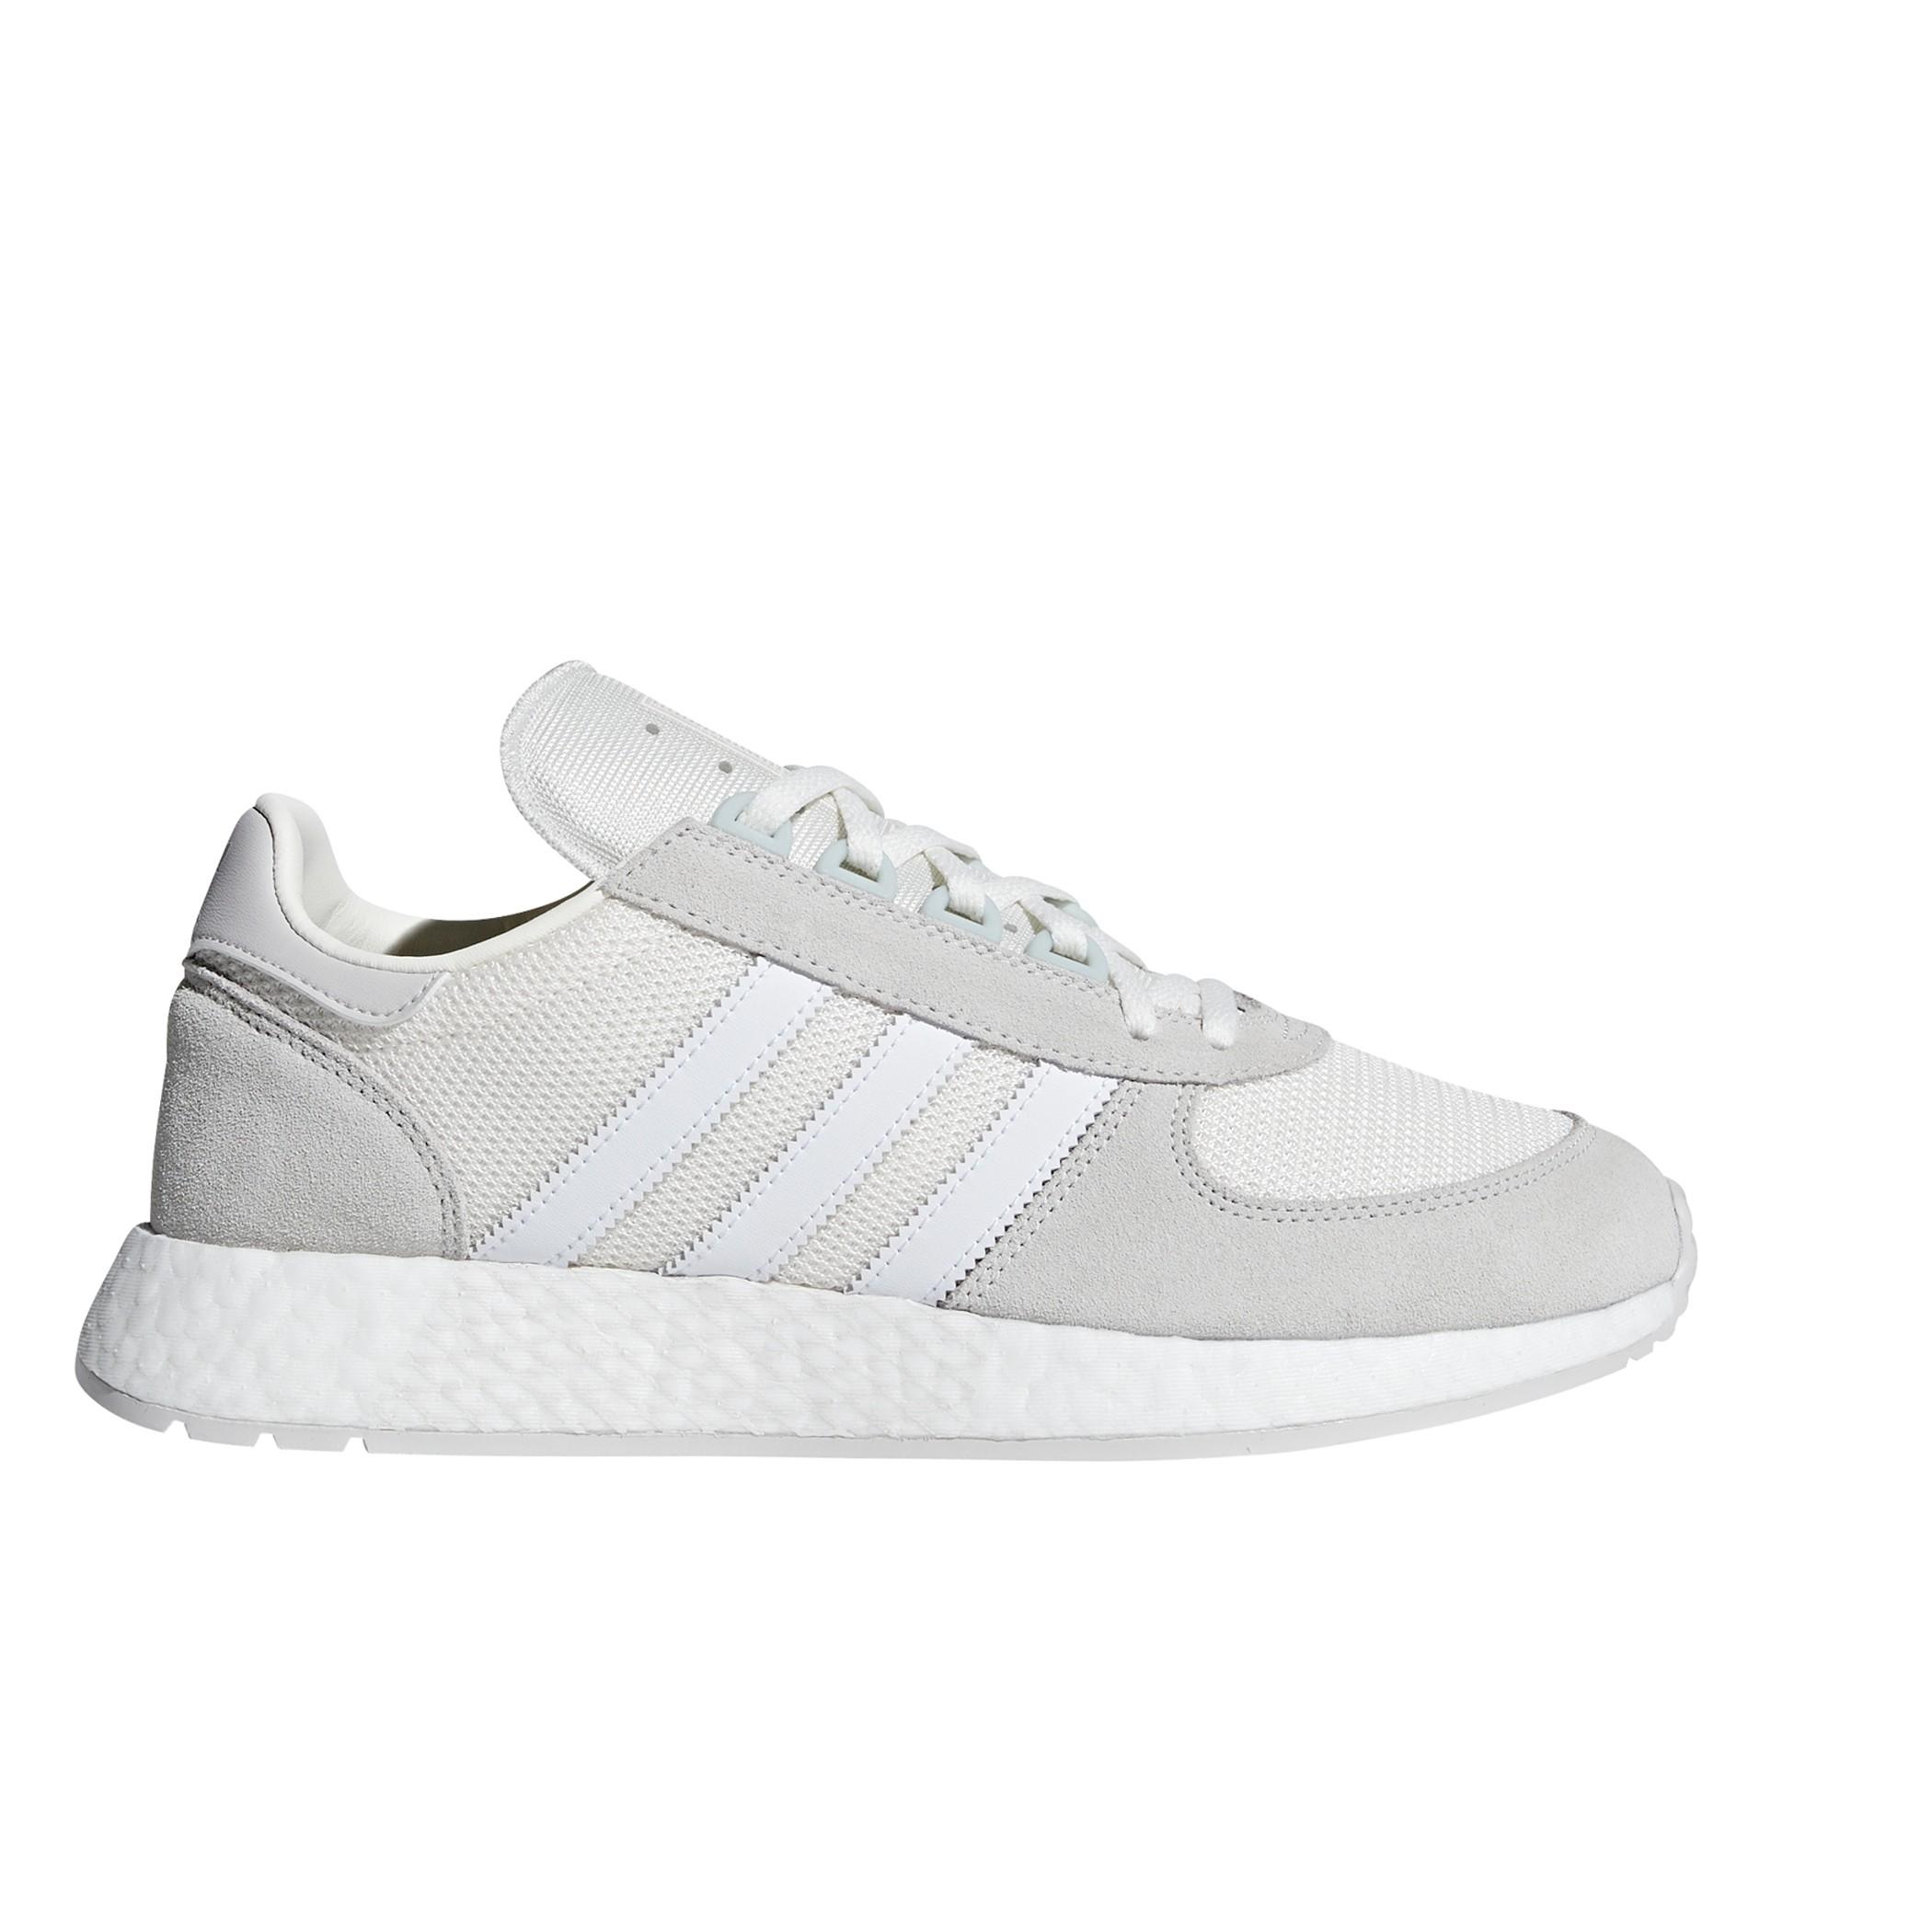 10fe3b1237ad69 adidas Originals Marathon x 5923 'Never Made Triple White Pack ...